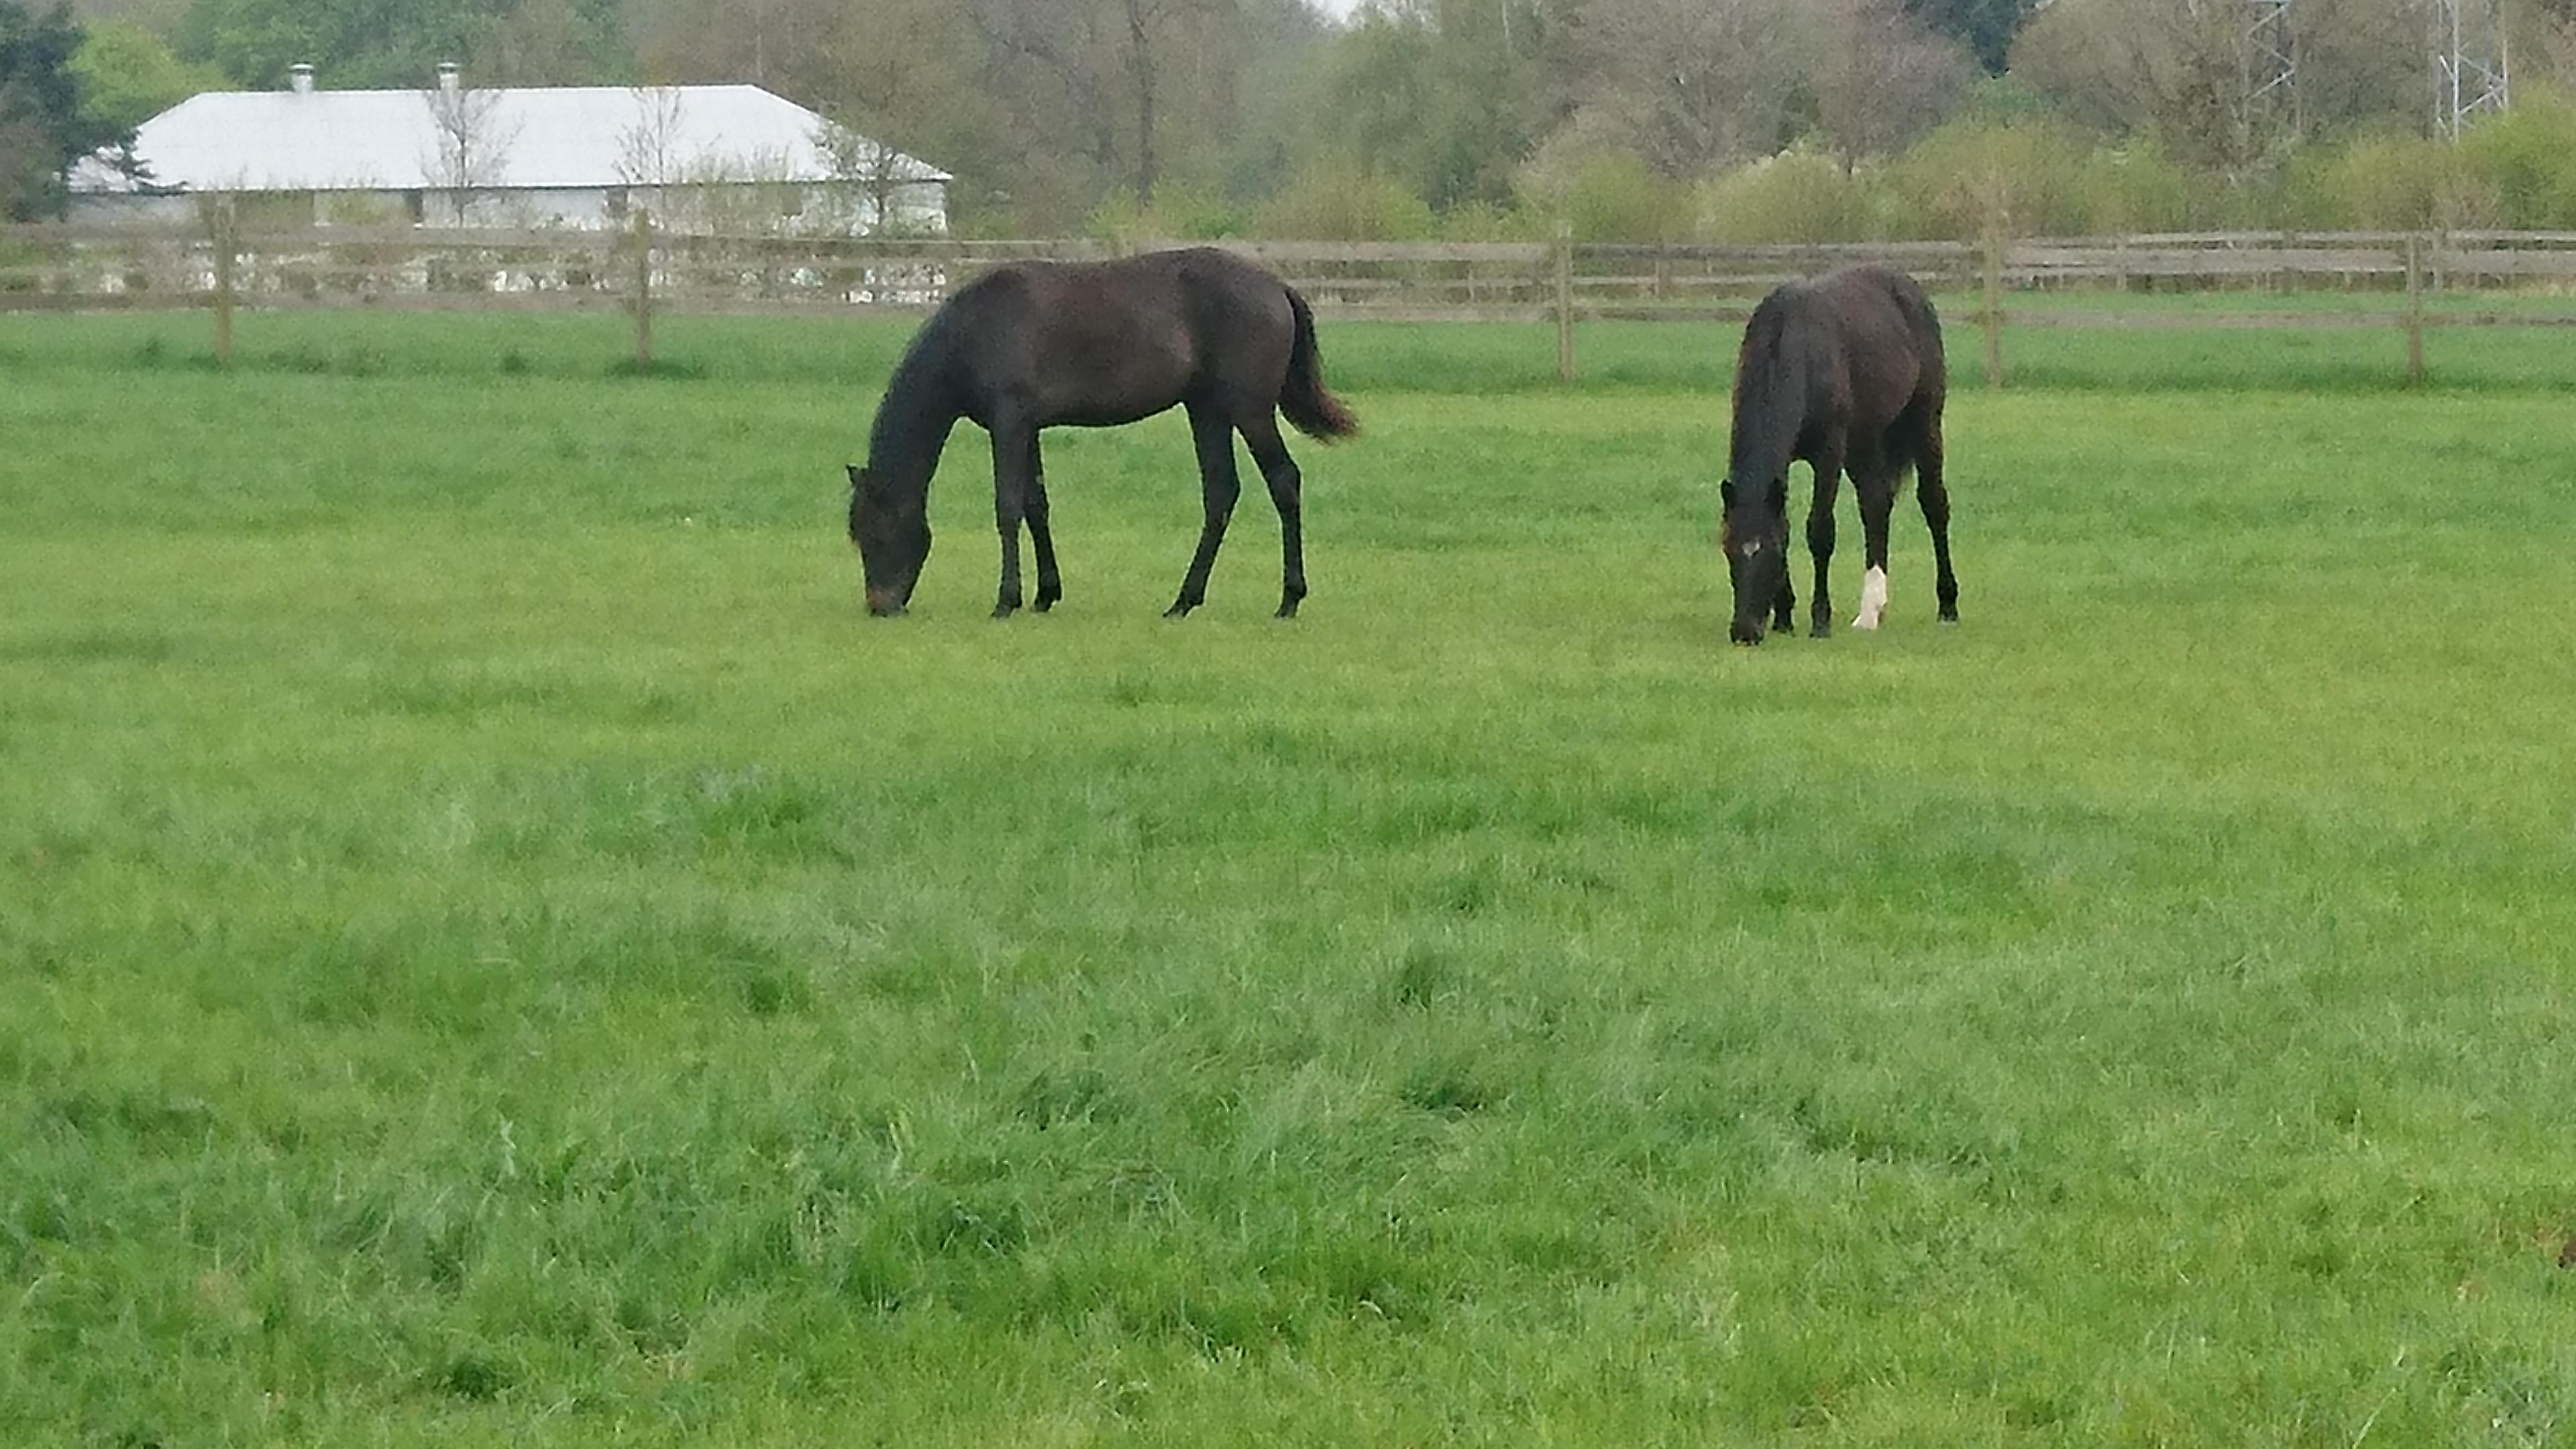 """April 2018. Nu er hestene græsset ind - til at gå på sommergræs. De nyder livet med masser af græs - sol - og også lidt """"føl-ballade""""."""